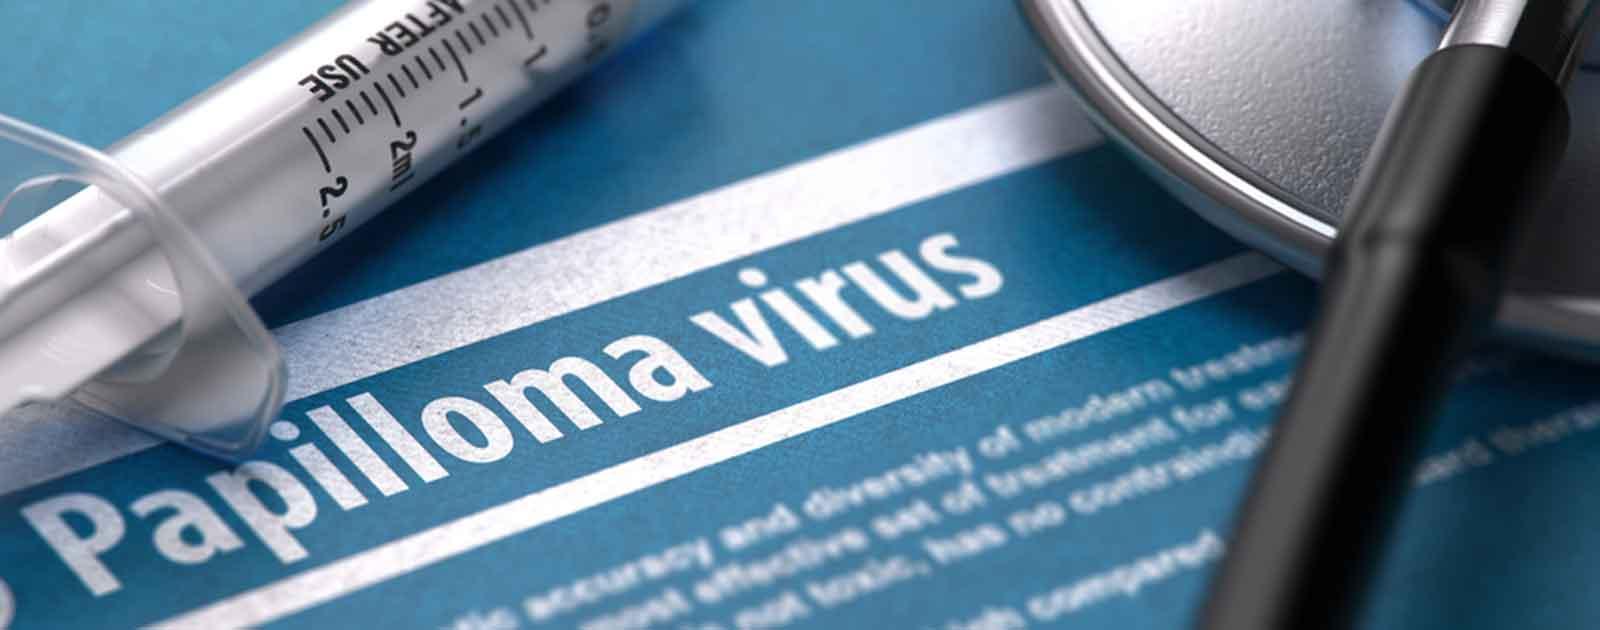 HPV (Papiloma Virus Uman) ADN-genotipare - Synevo